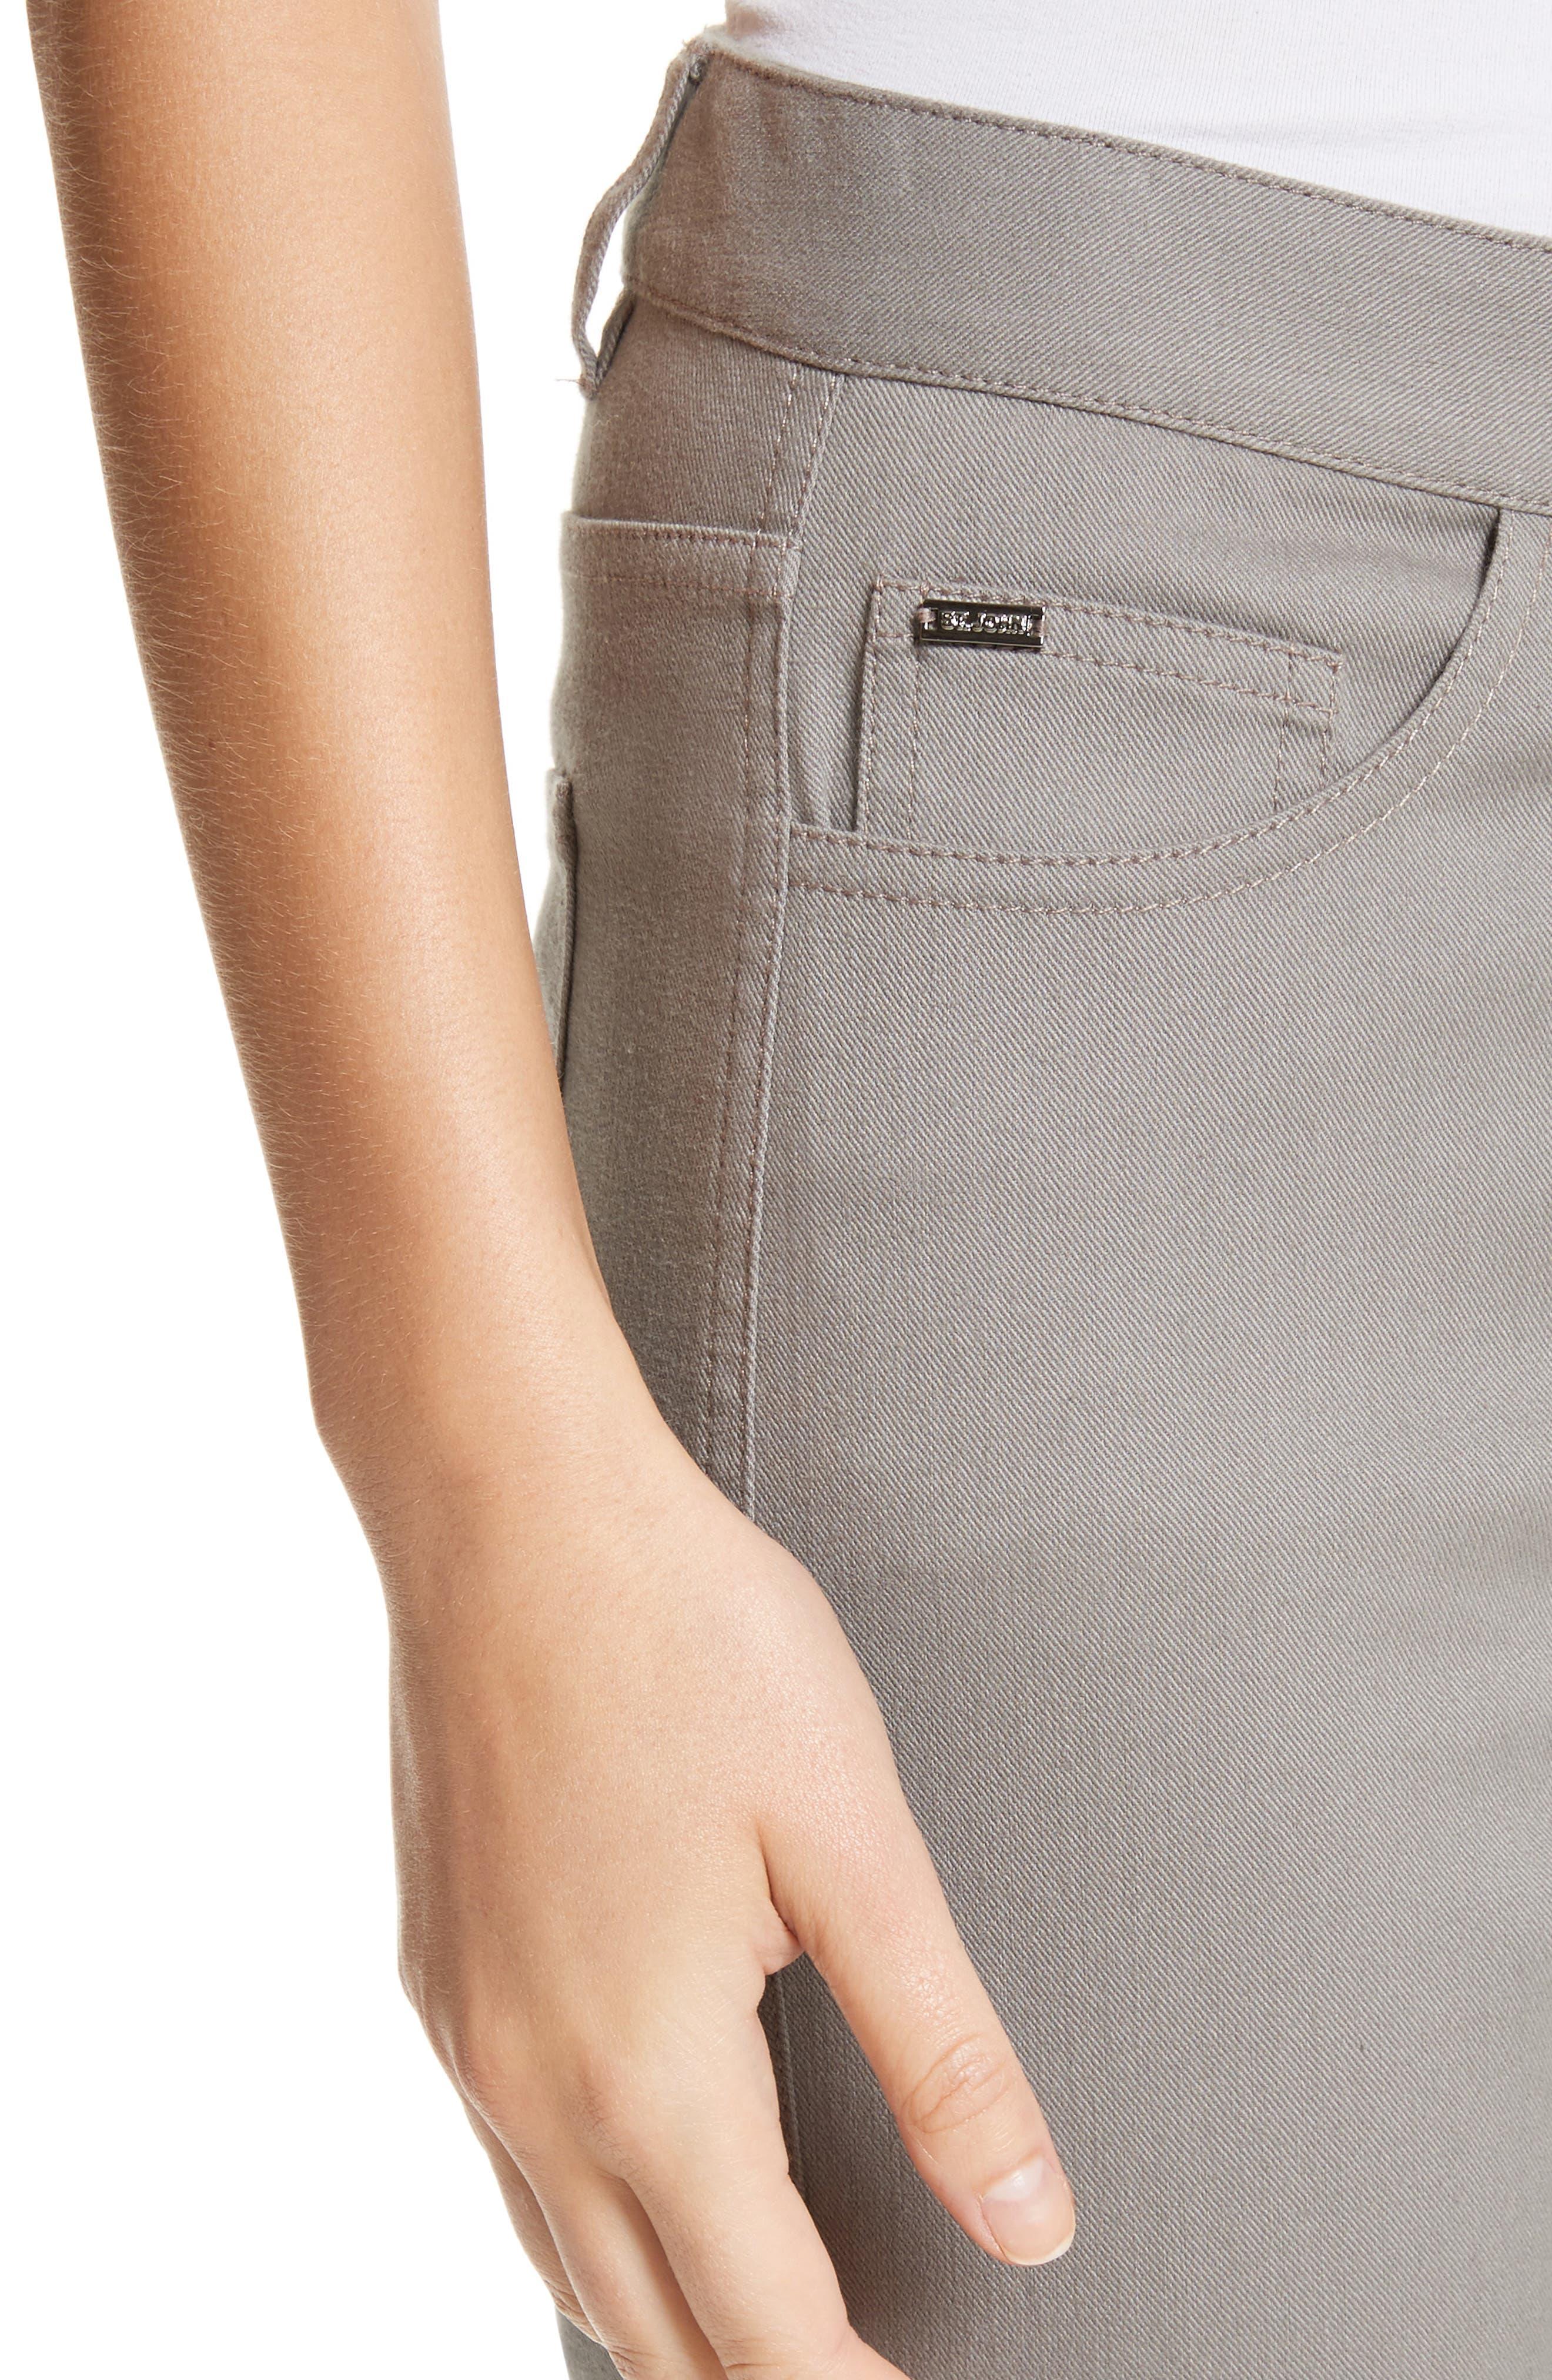 Bardot Double Dye Stretch Jeans,                             Alternate thumbnail 4, color,                             Travertine